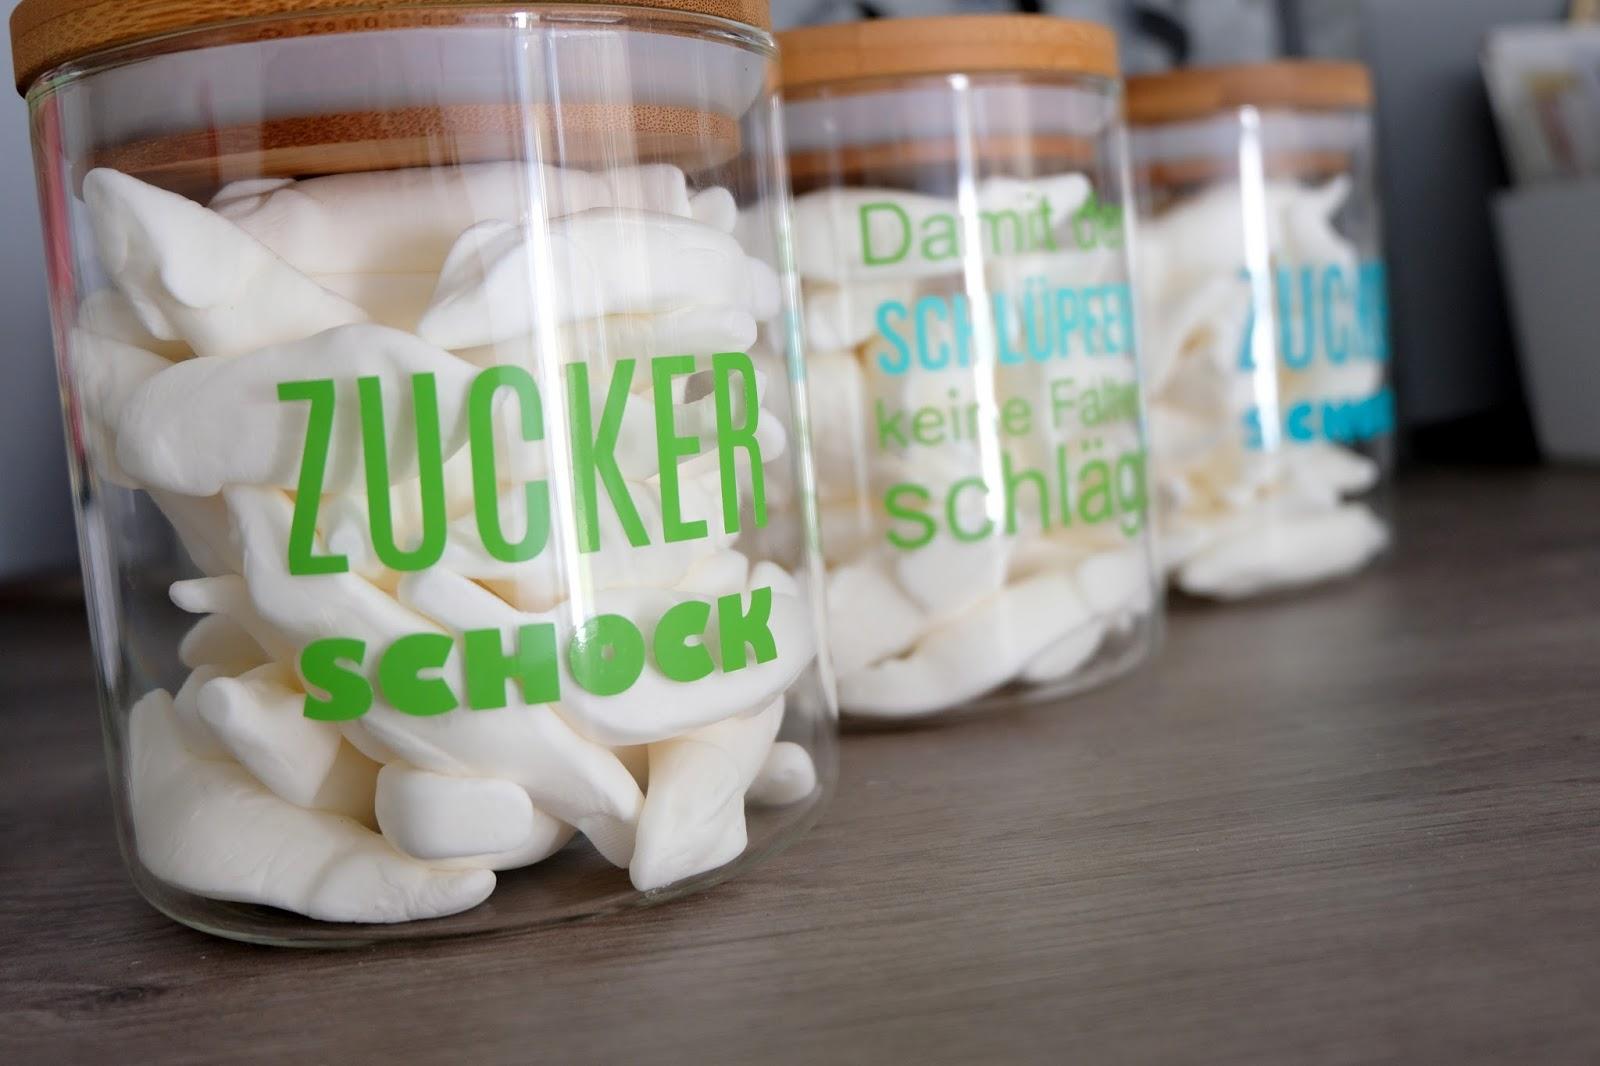 Zuckerschock Wiki